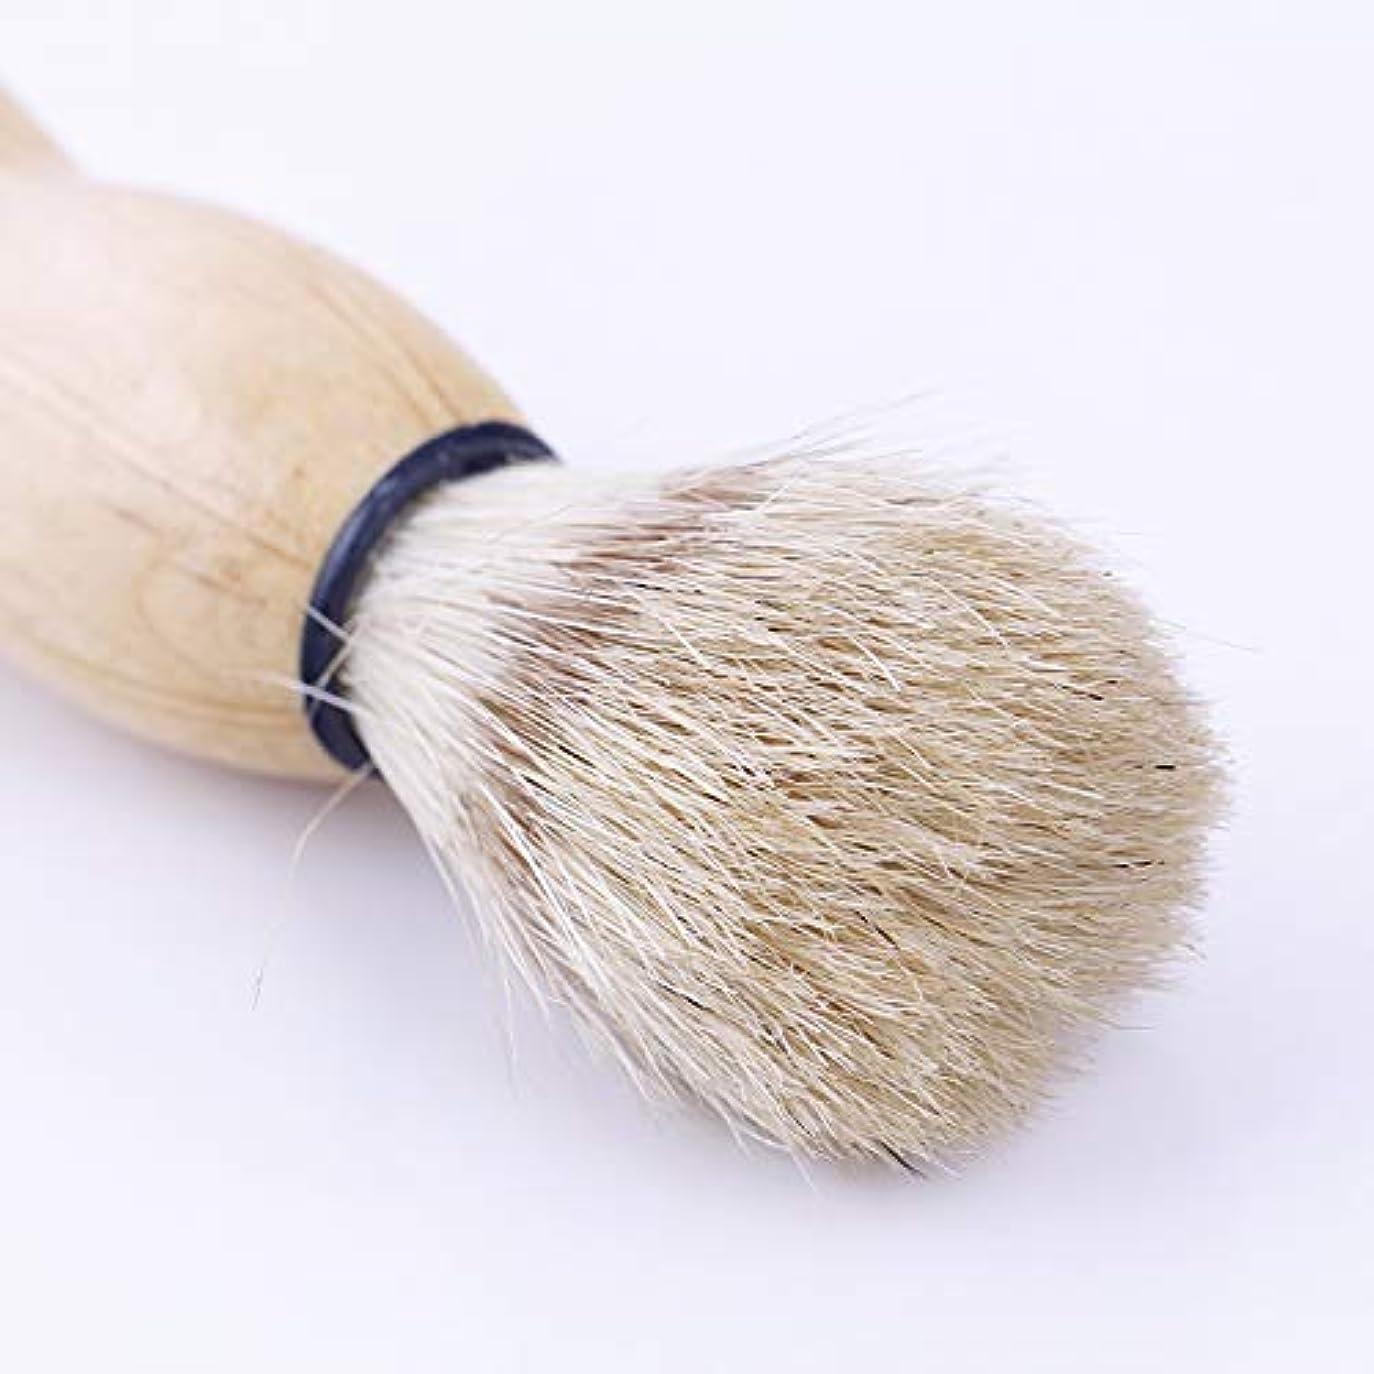 つぶやき作業インスタントSMTHOME シェービング用ブラシ メンズ 100% ウール毛 理容 洗顔 髭剃り 泡立ち